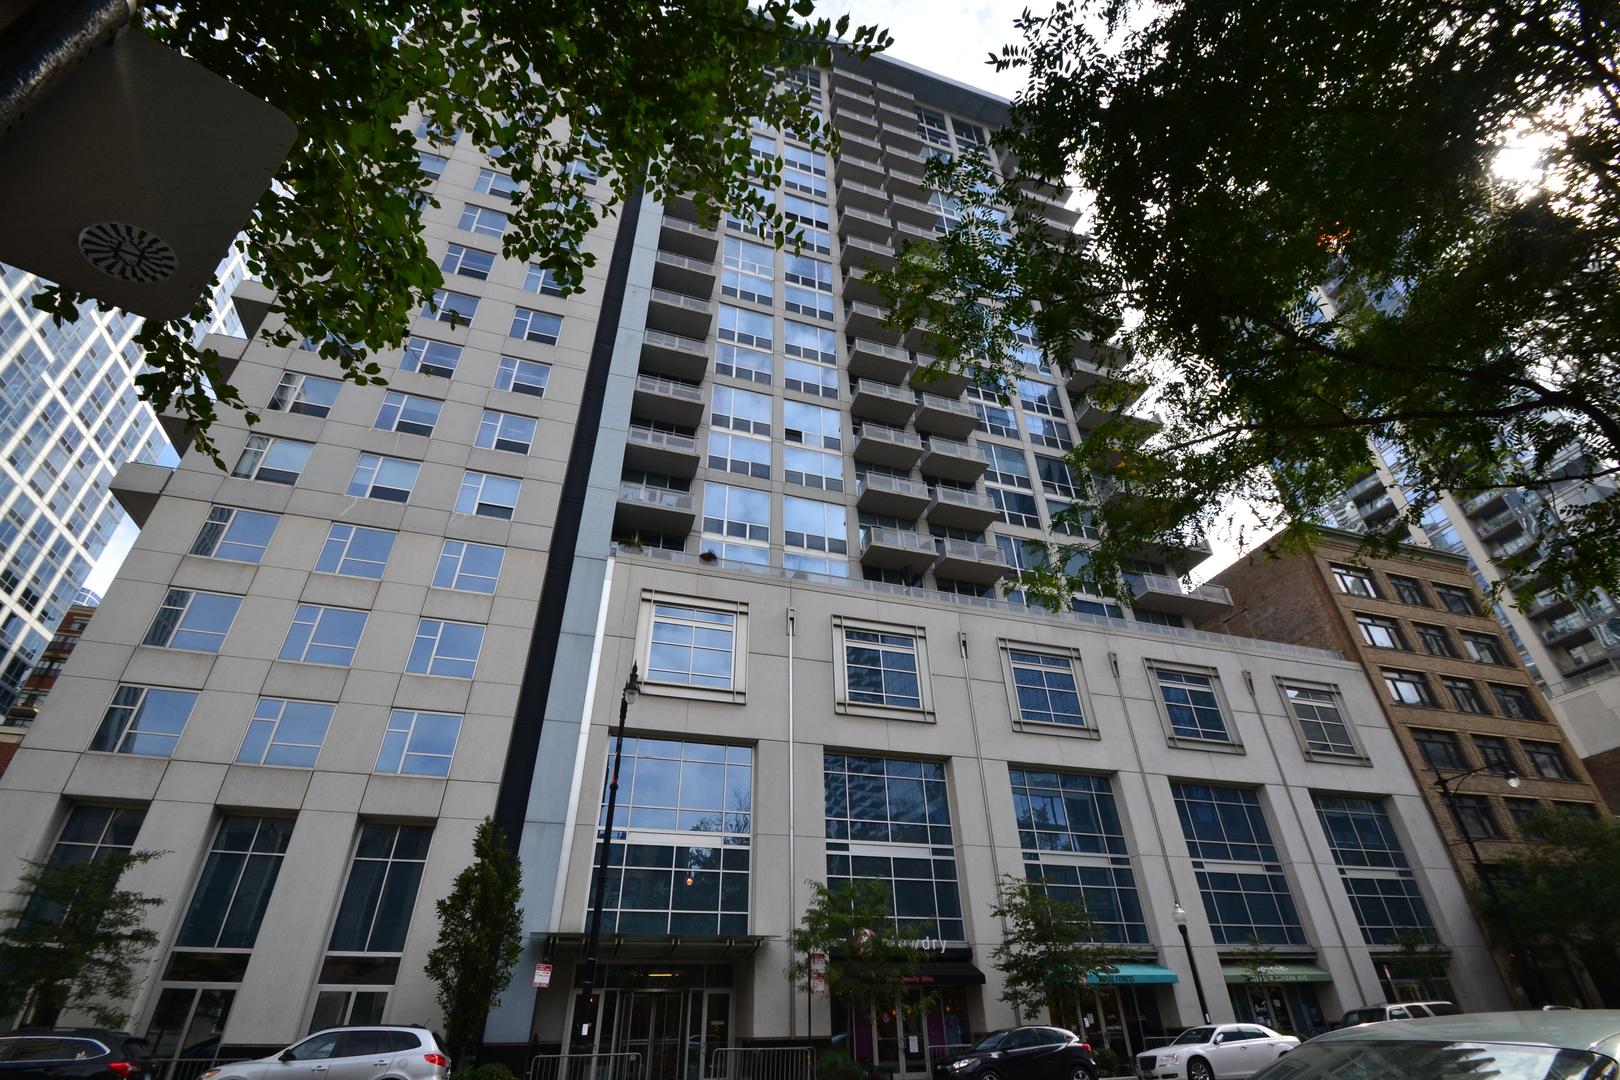 Photo of 1305 Michigan Avenue Chicago IL 60605